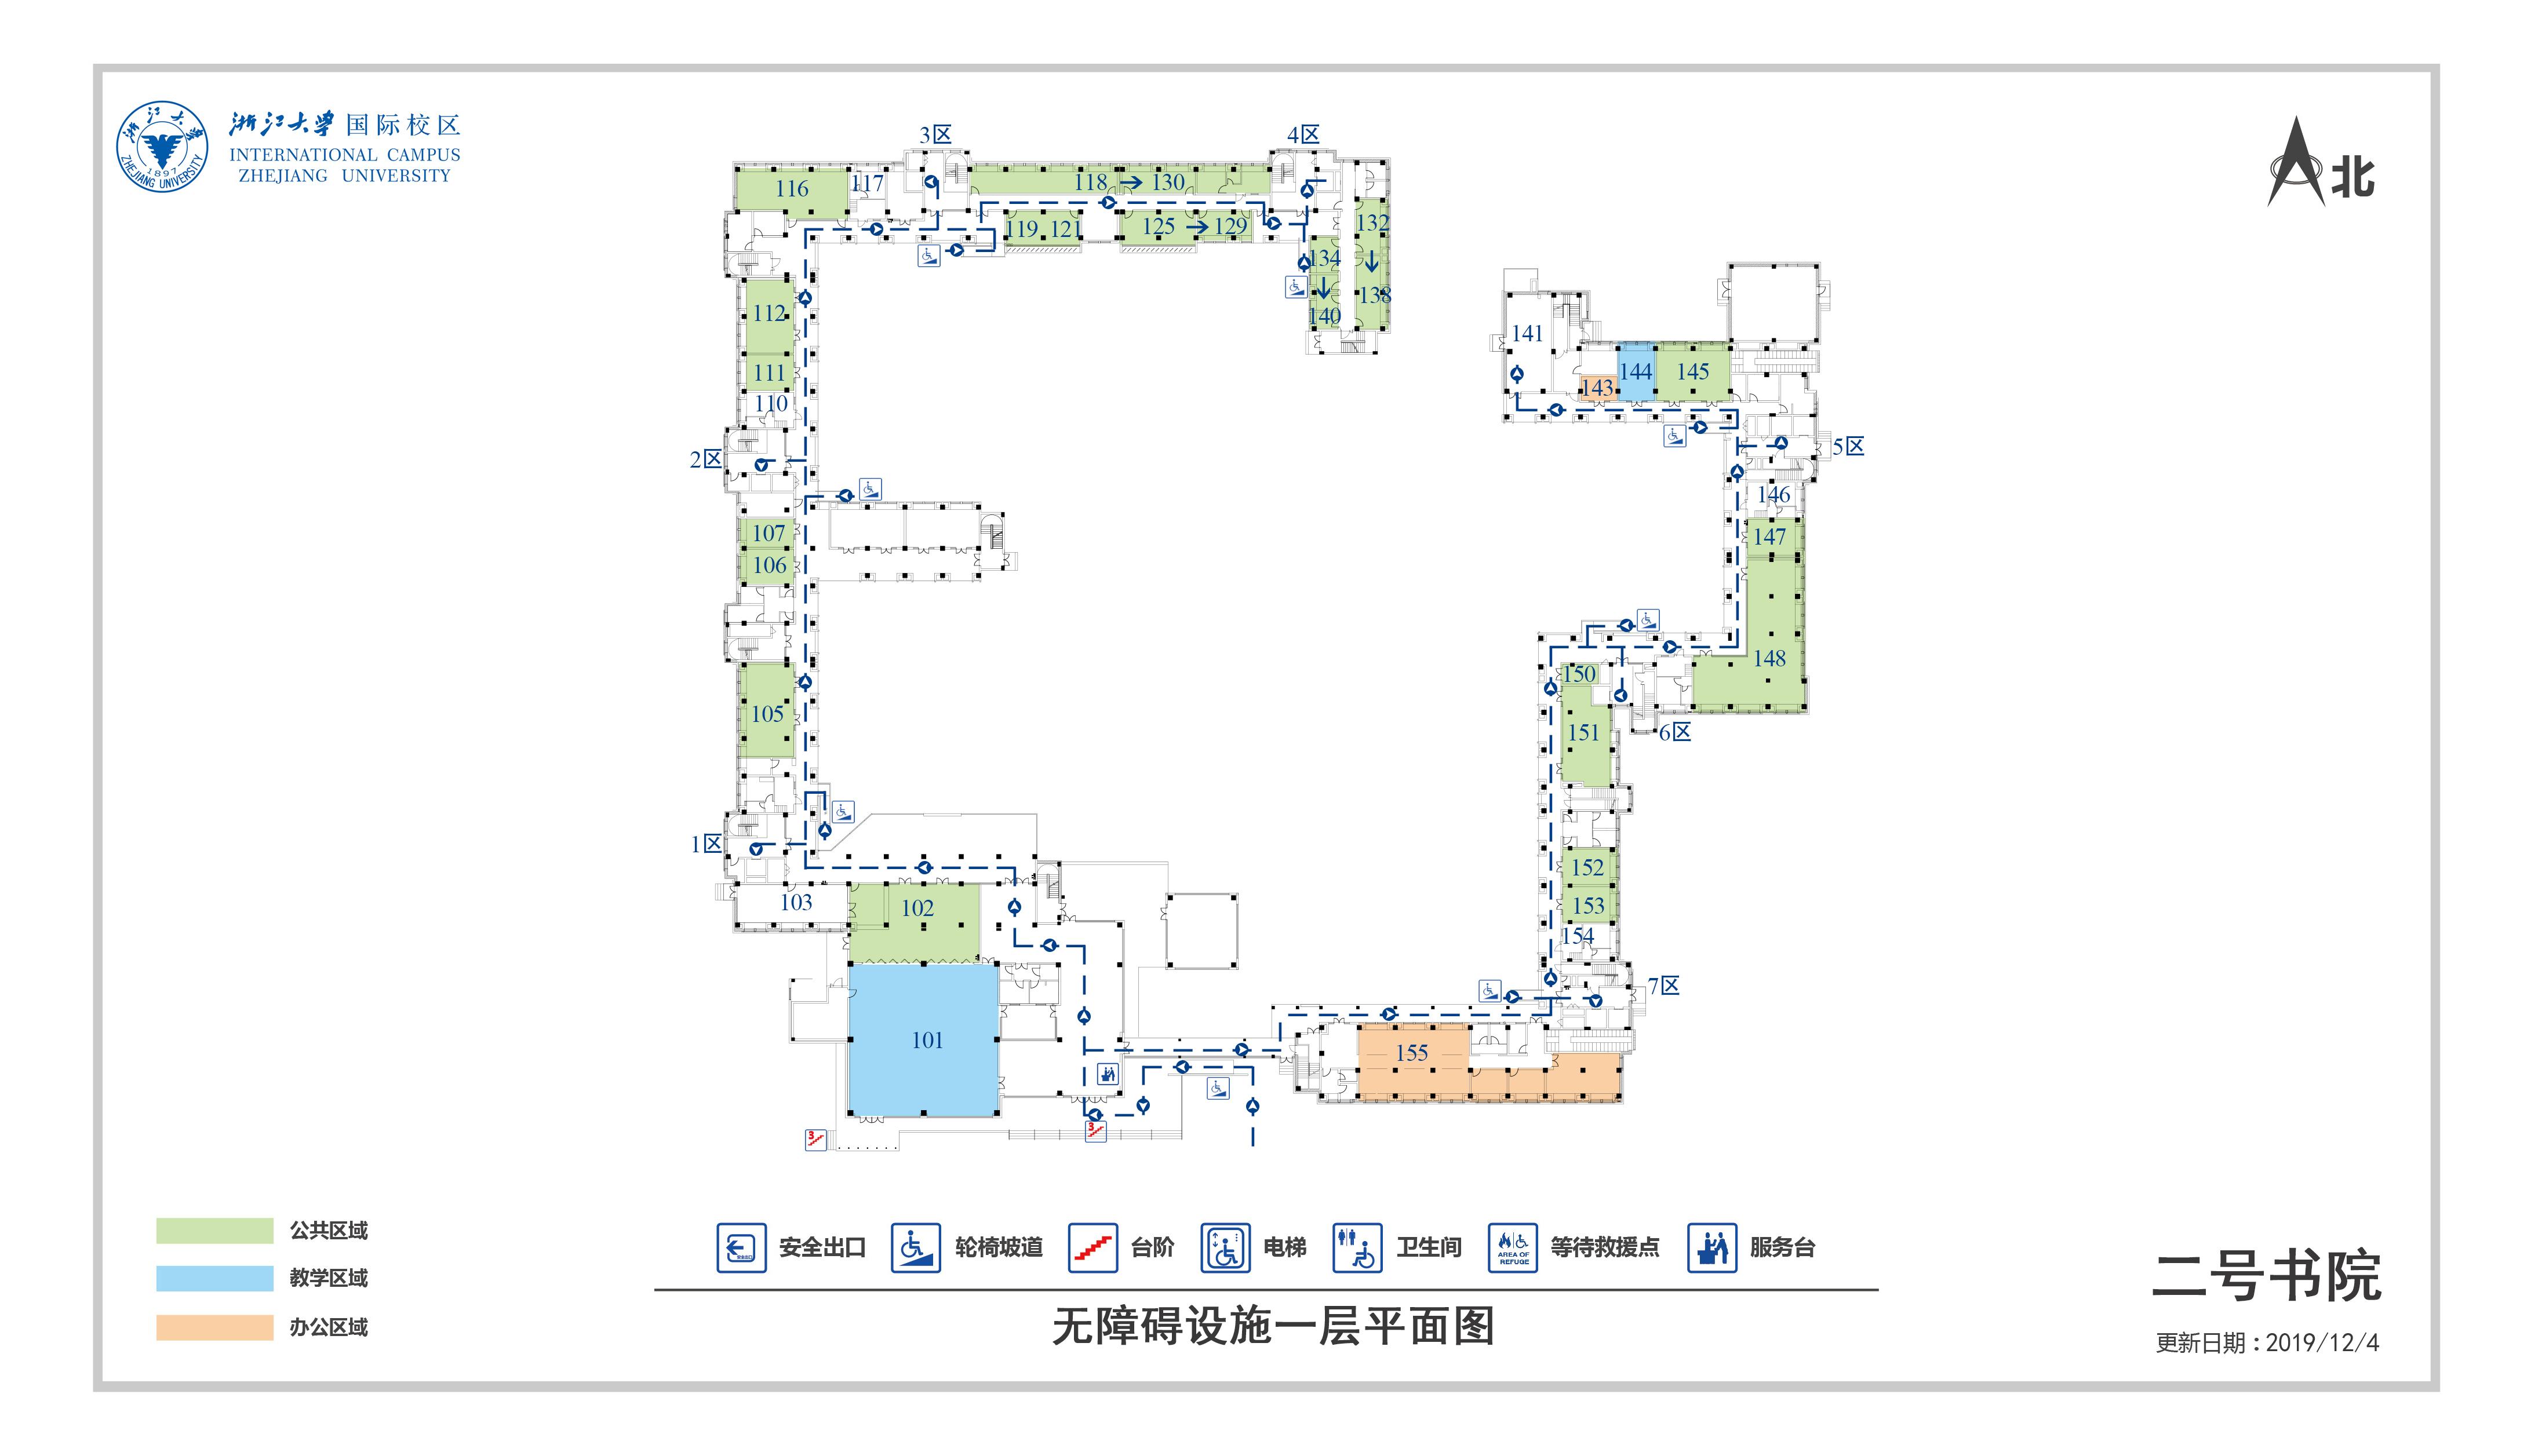 2号书院无障碍设施一层平面图.jpg